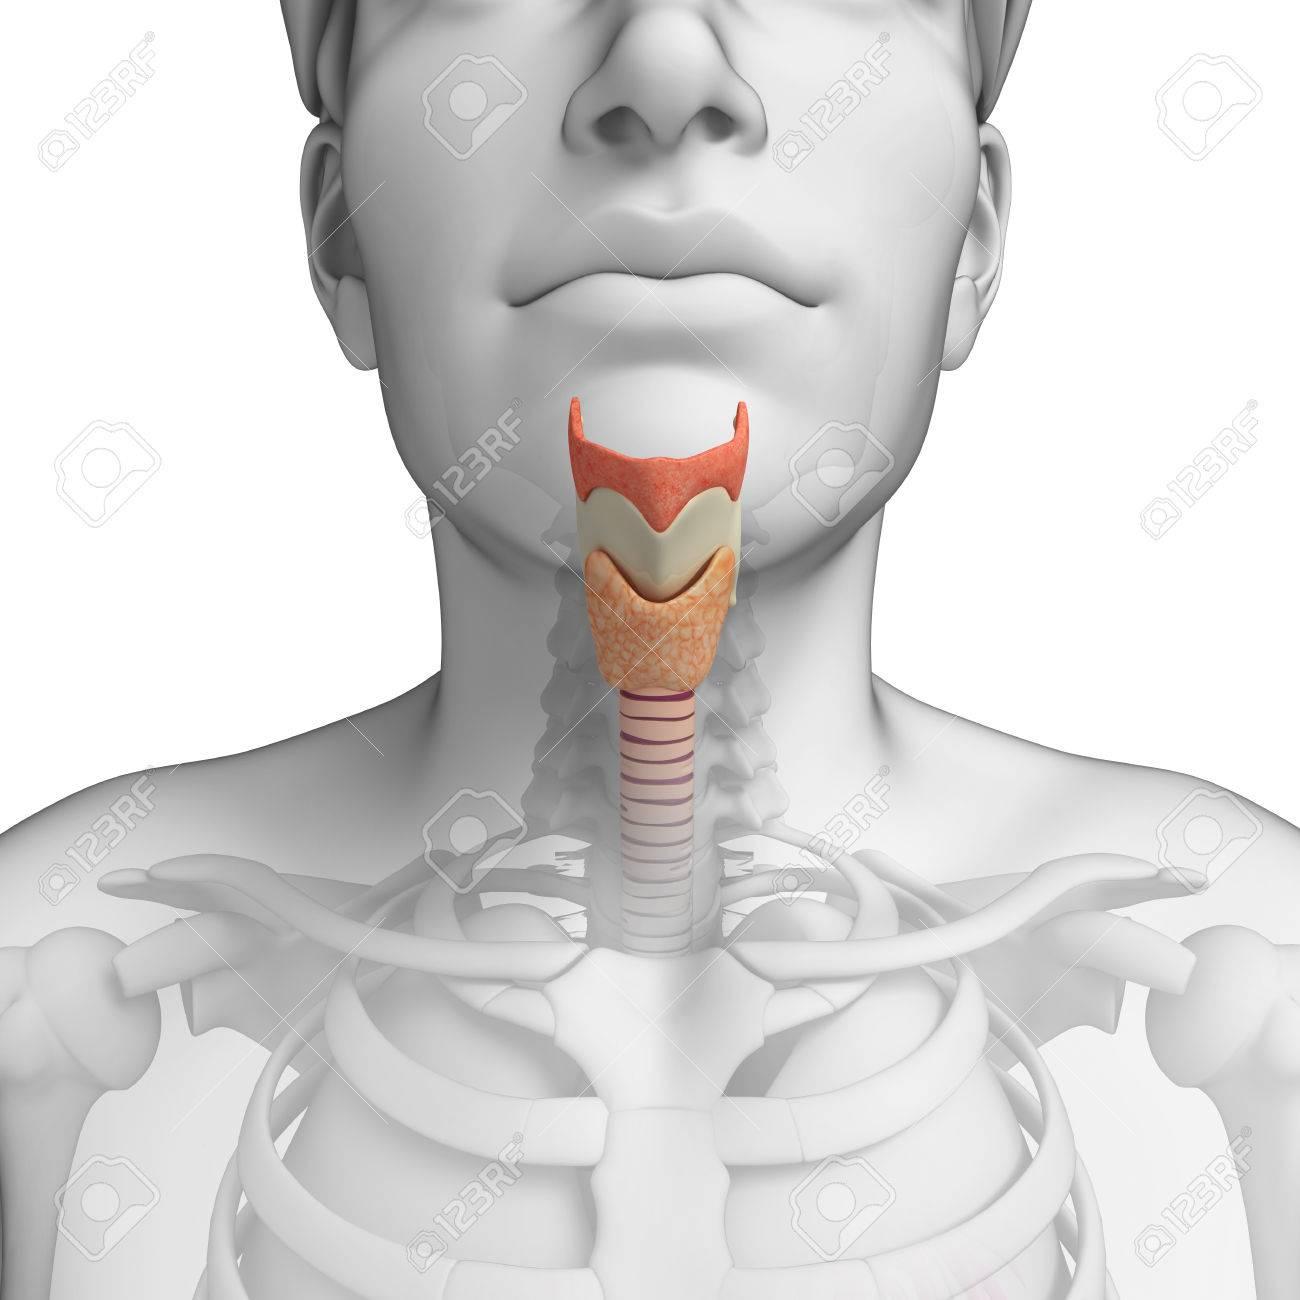 Illustration Der Männlichen Anatomie Hals Lizenzfreie Fotos, Bilder ...